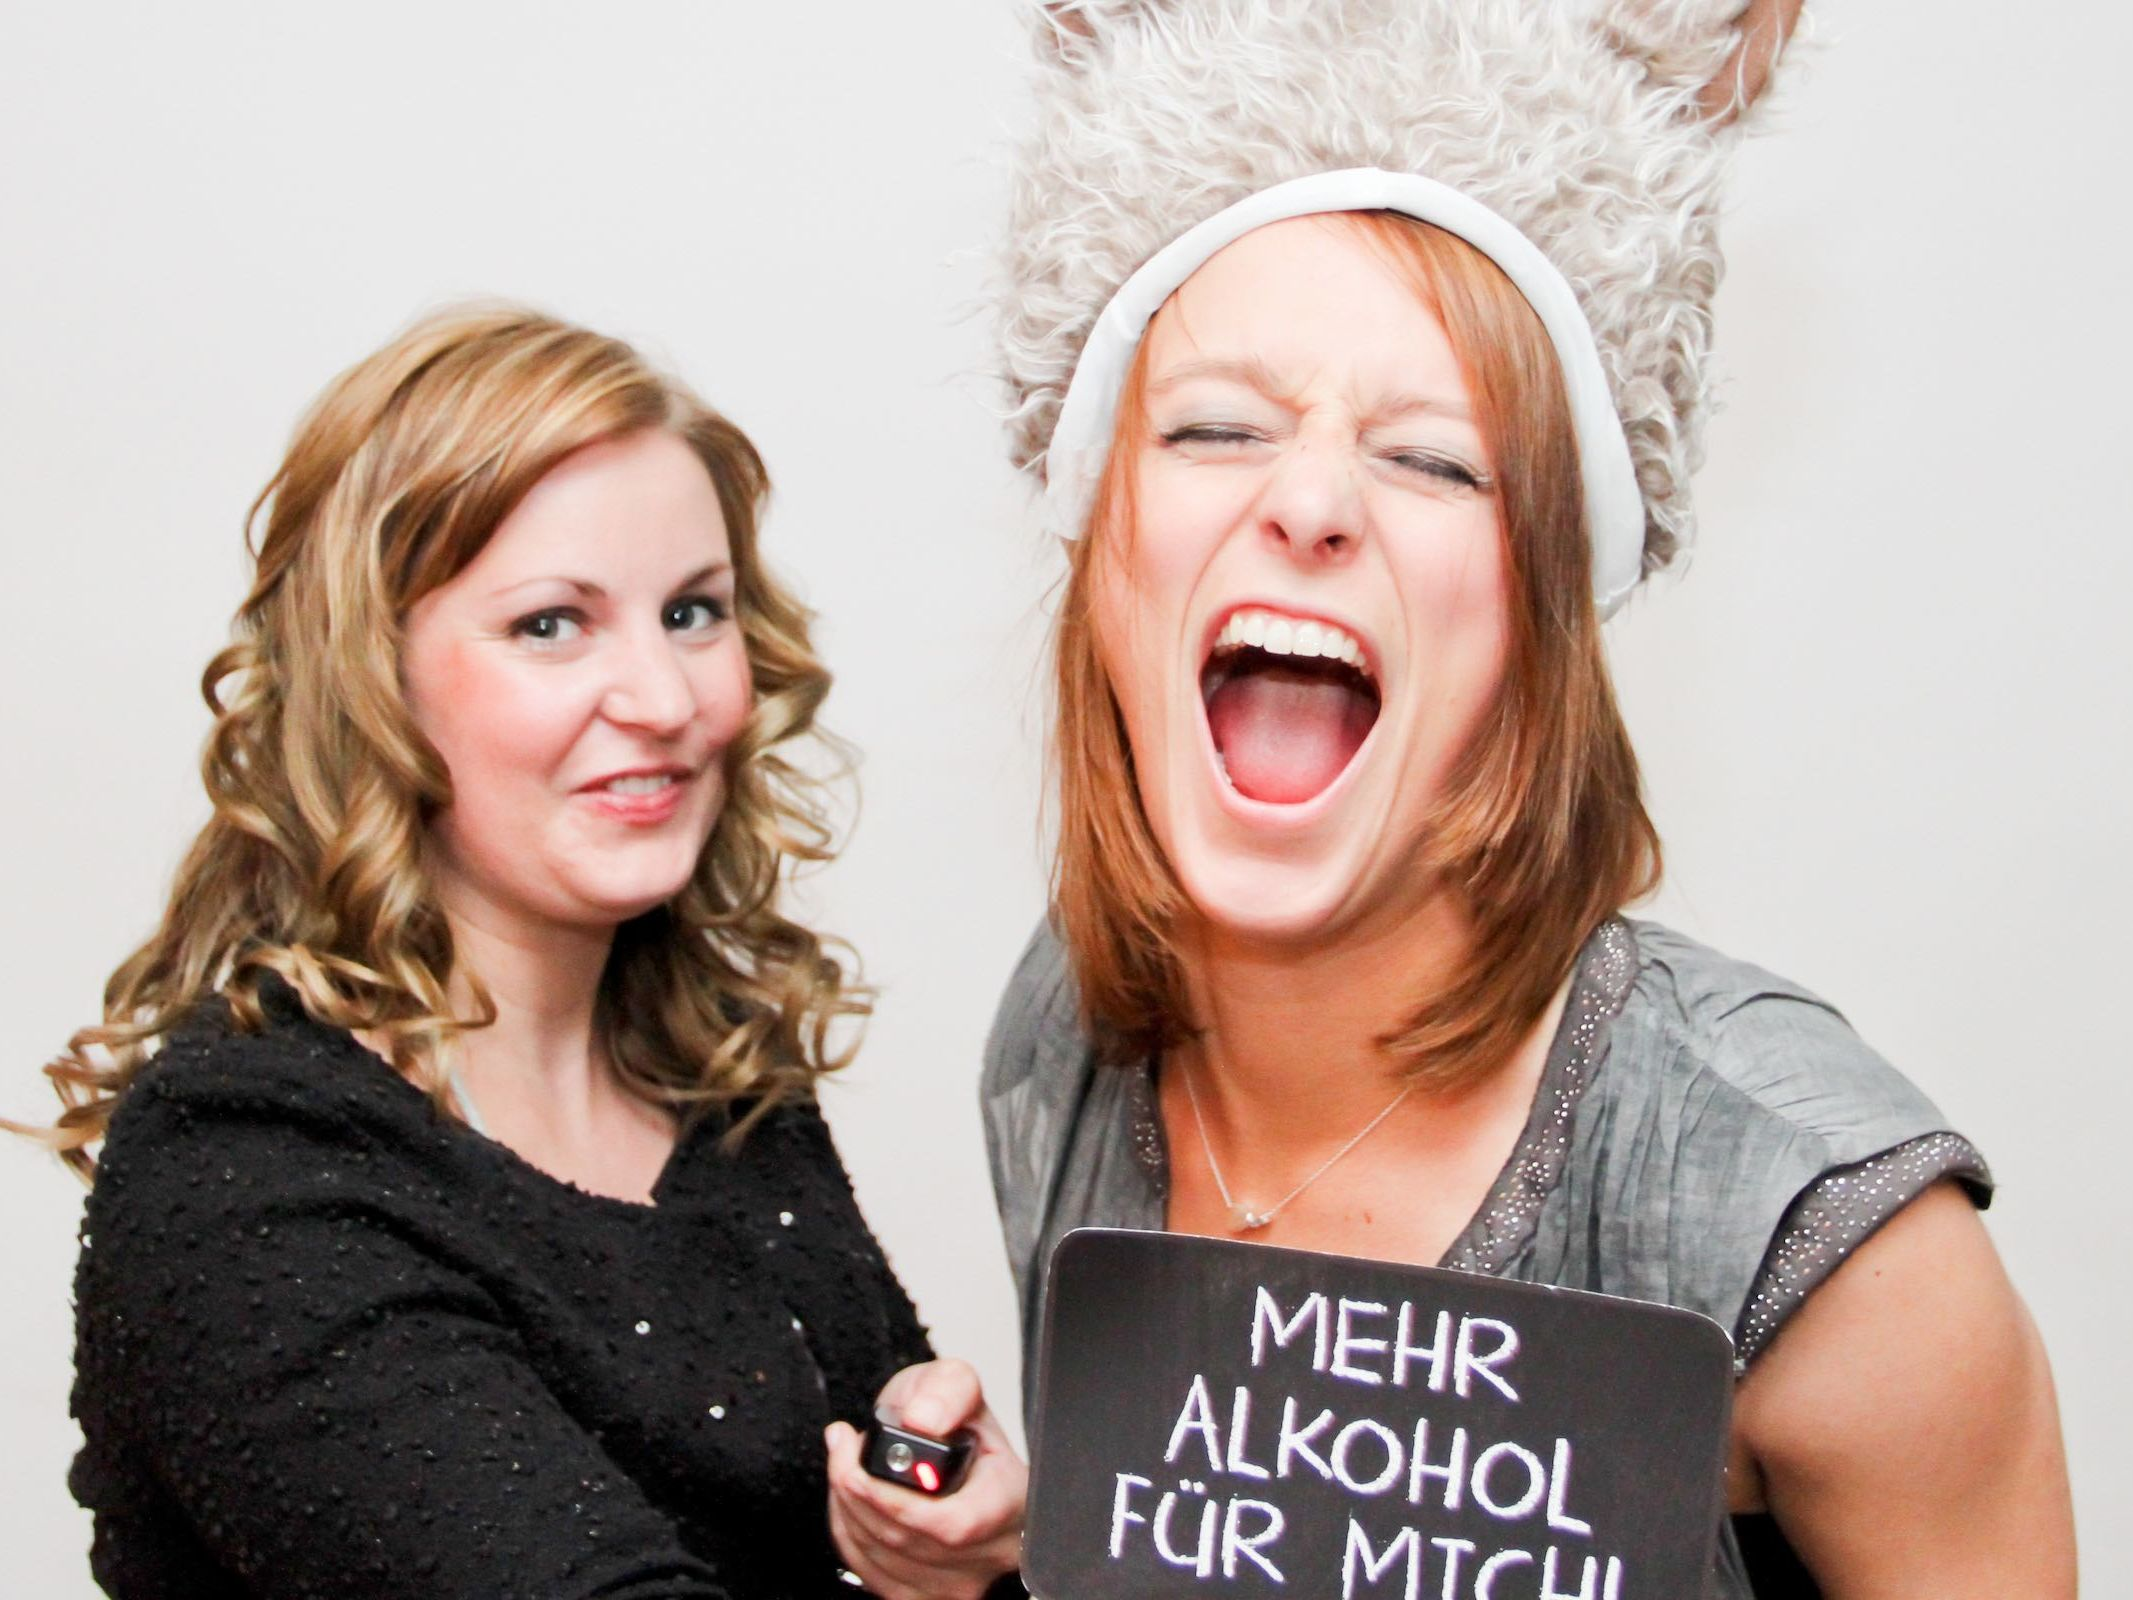 Fotobox | Hochzeit | Hannover | Mieten | Fotoglotze | Druck | Bildausdrucke | Hintergrund | Photobooth | Hochzeit | Messe | Event | Verkleidung | Requisiten | Hannover | Buchen | Anfragen | Mieten